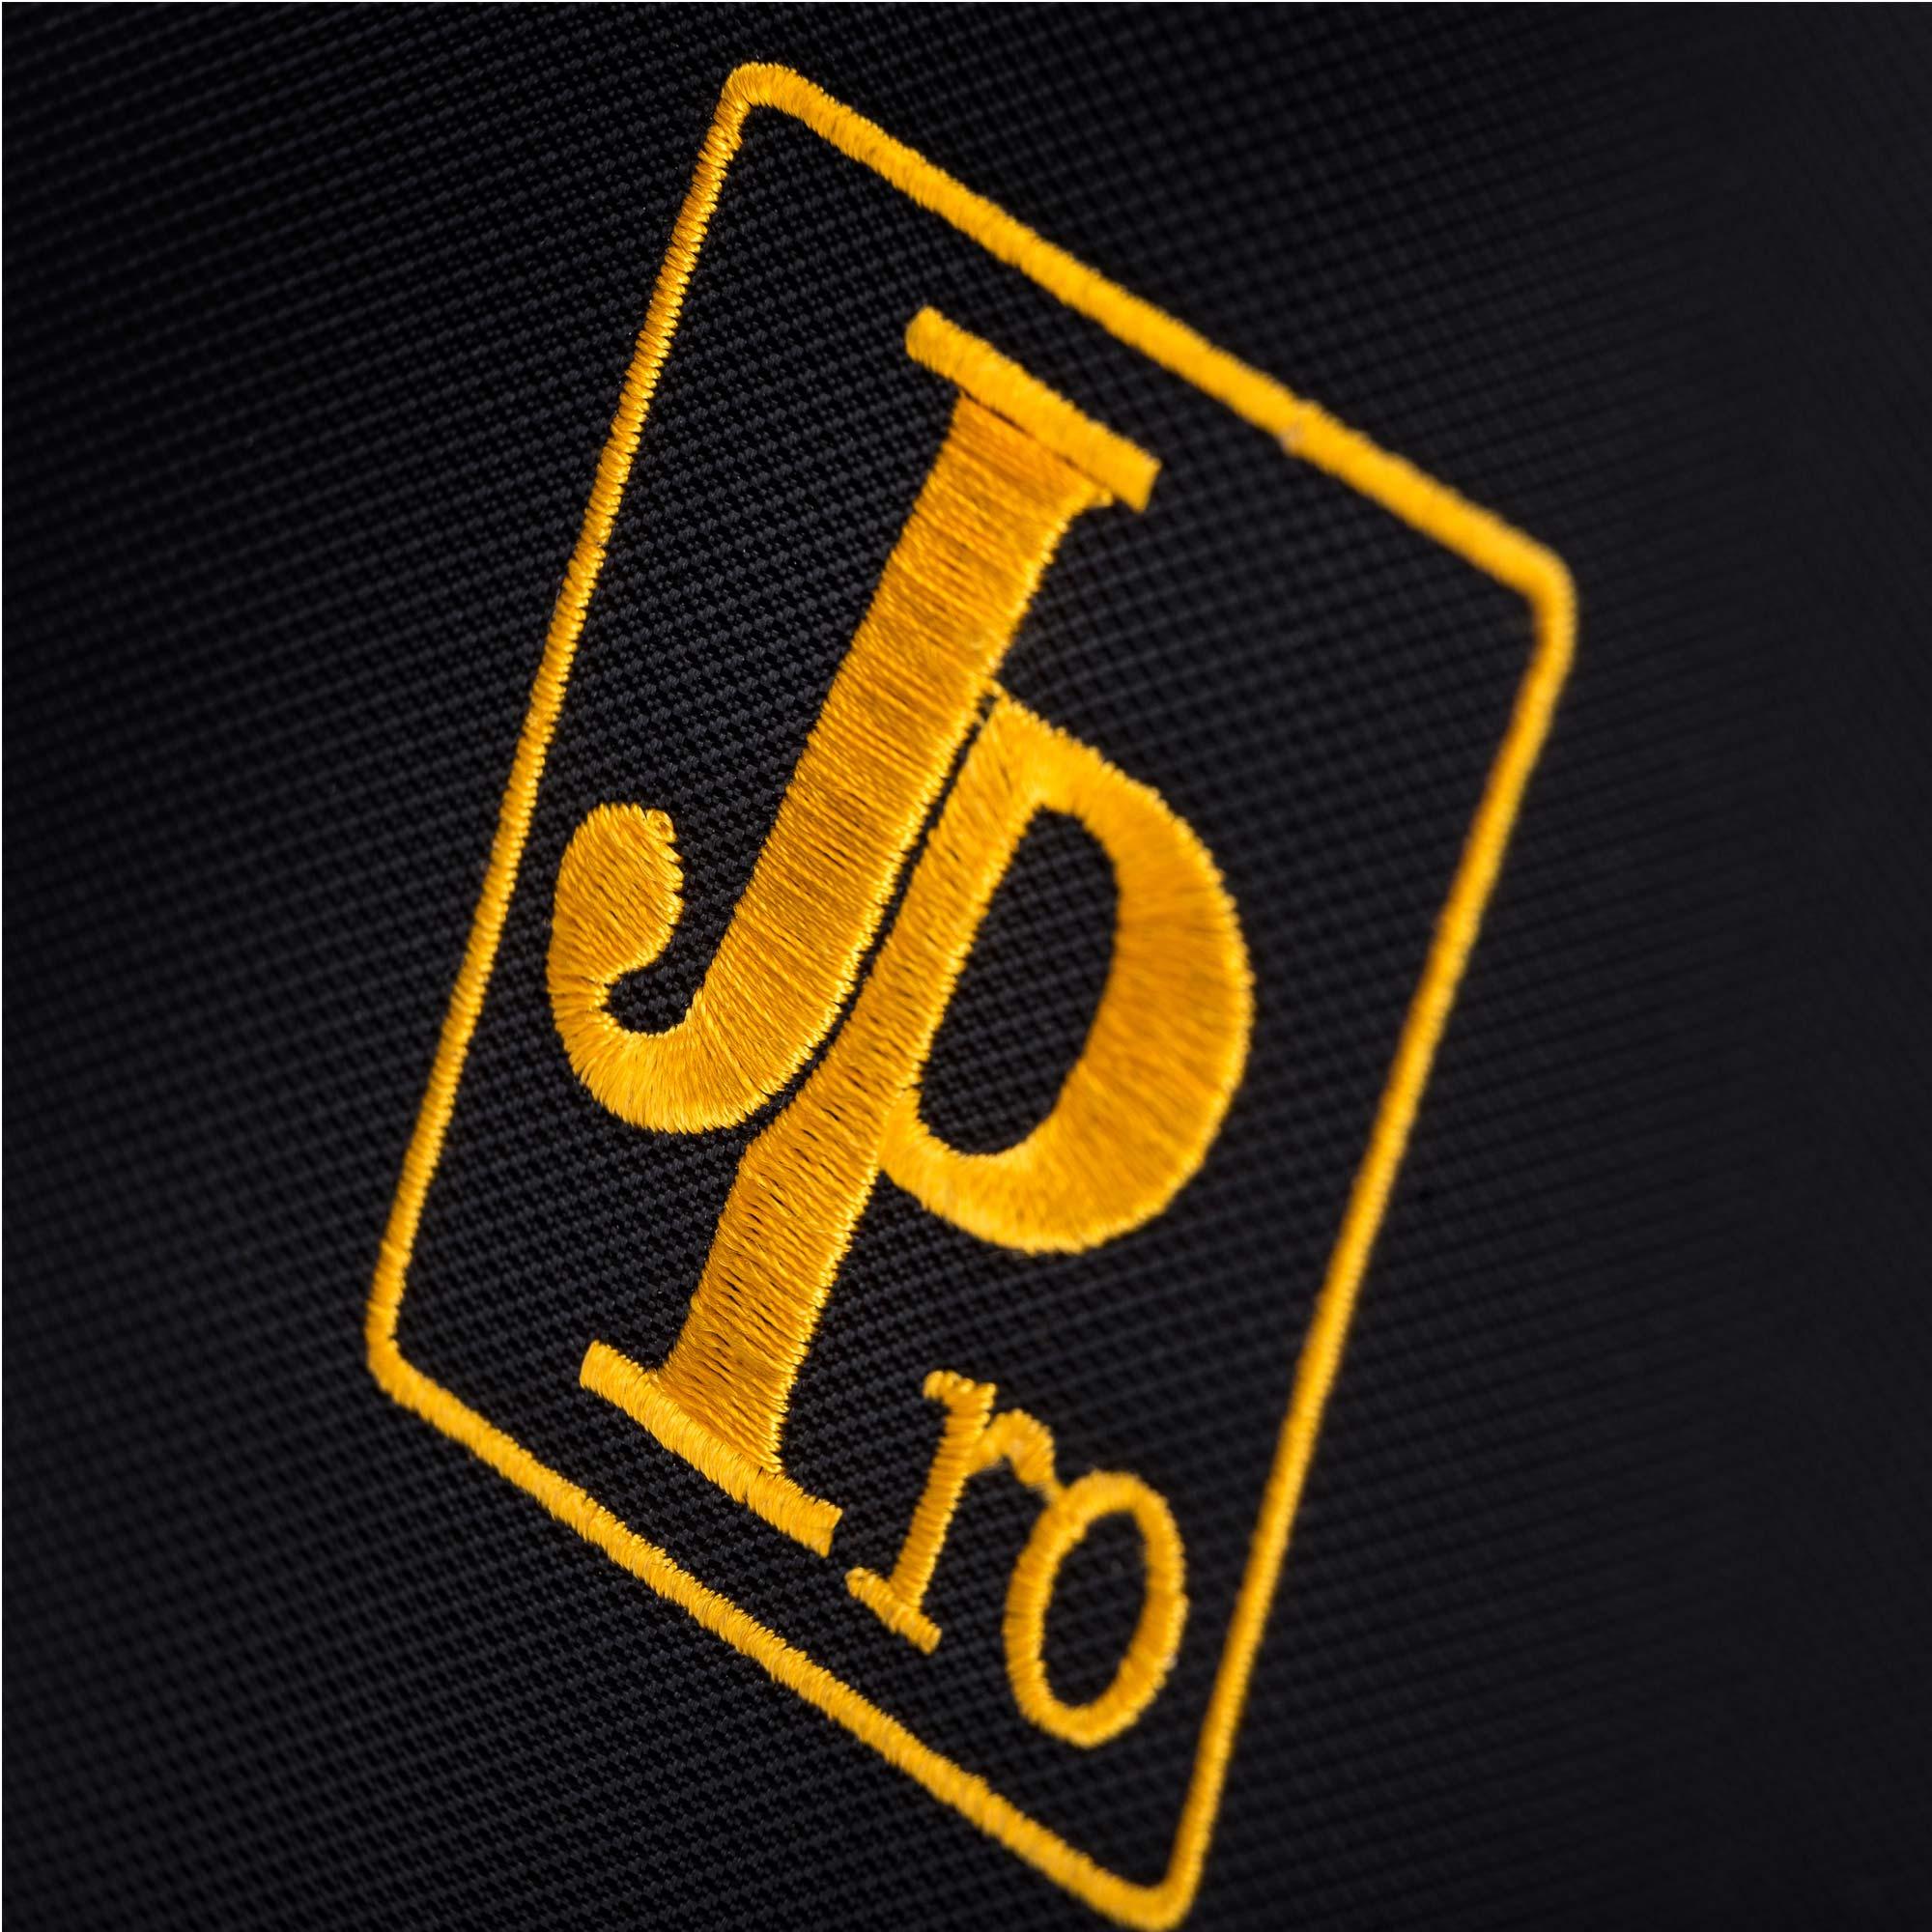 JP351SW-HW-INSTRUMENT-LOGO-SHOT